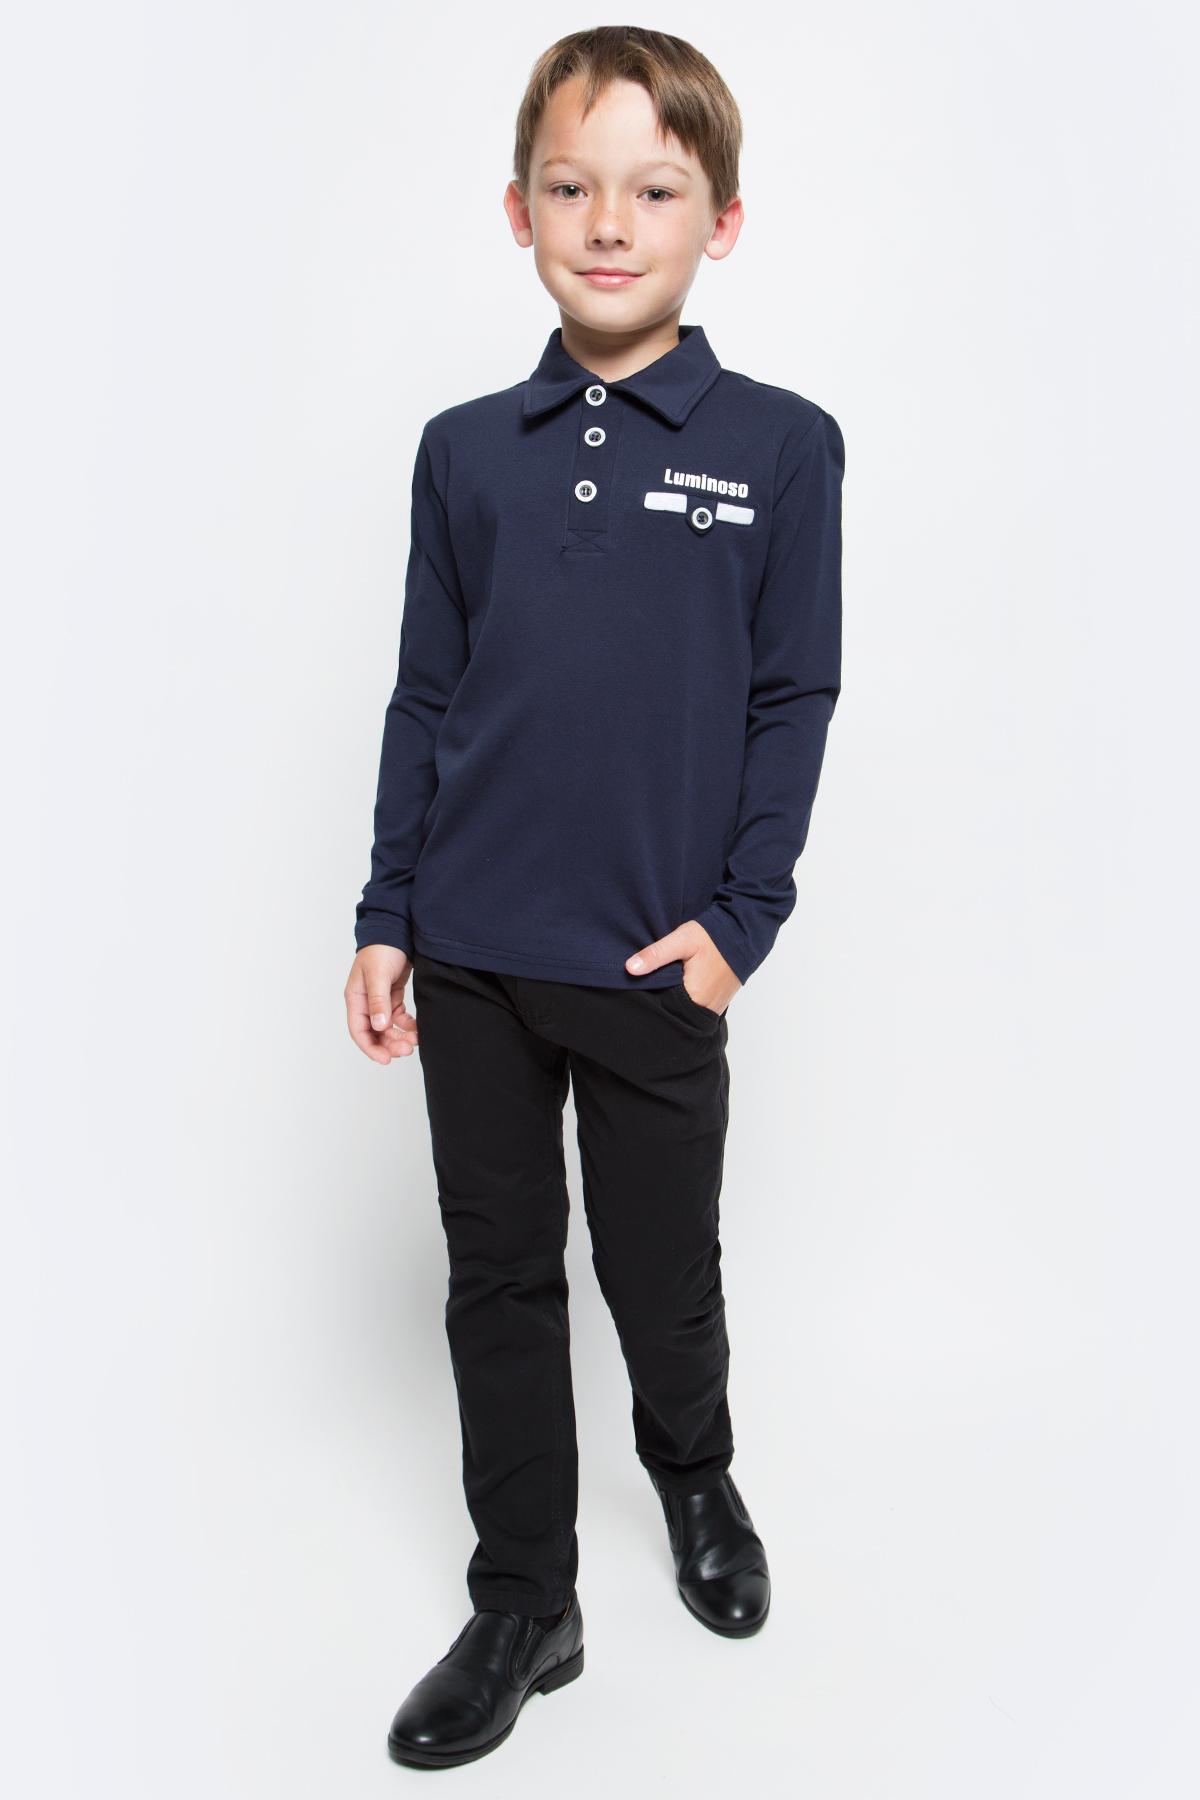 Джемпер для мальчика Luminoso, цвет: темно-синий, серый меланж. 727039. Размер 128727039Джемпер для мальчика Luminoso выполнен из хлопка с добавлением эластана. Модель имеет длинные рукава и отложной воротник с планкой на пуговицах. На груди джемпер имеет прорезной кармашек с хлястиком на пуговице.